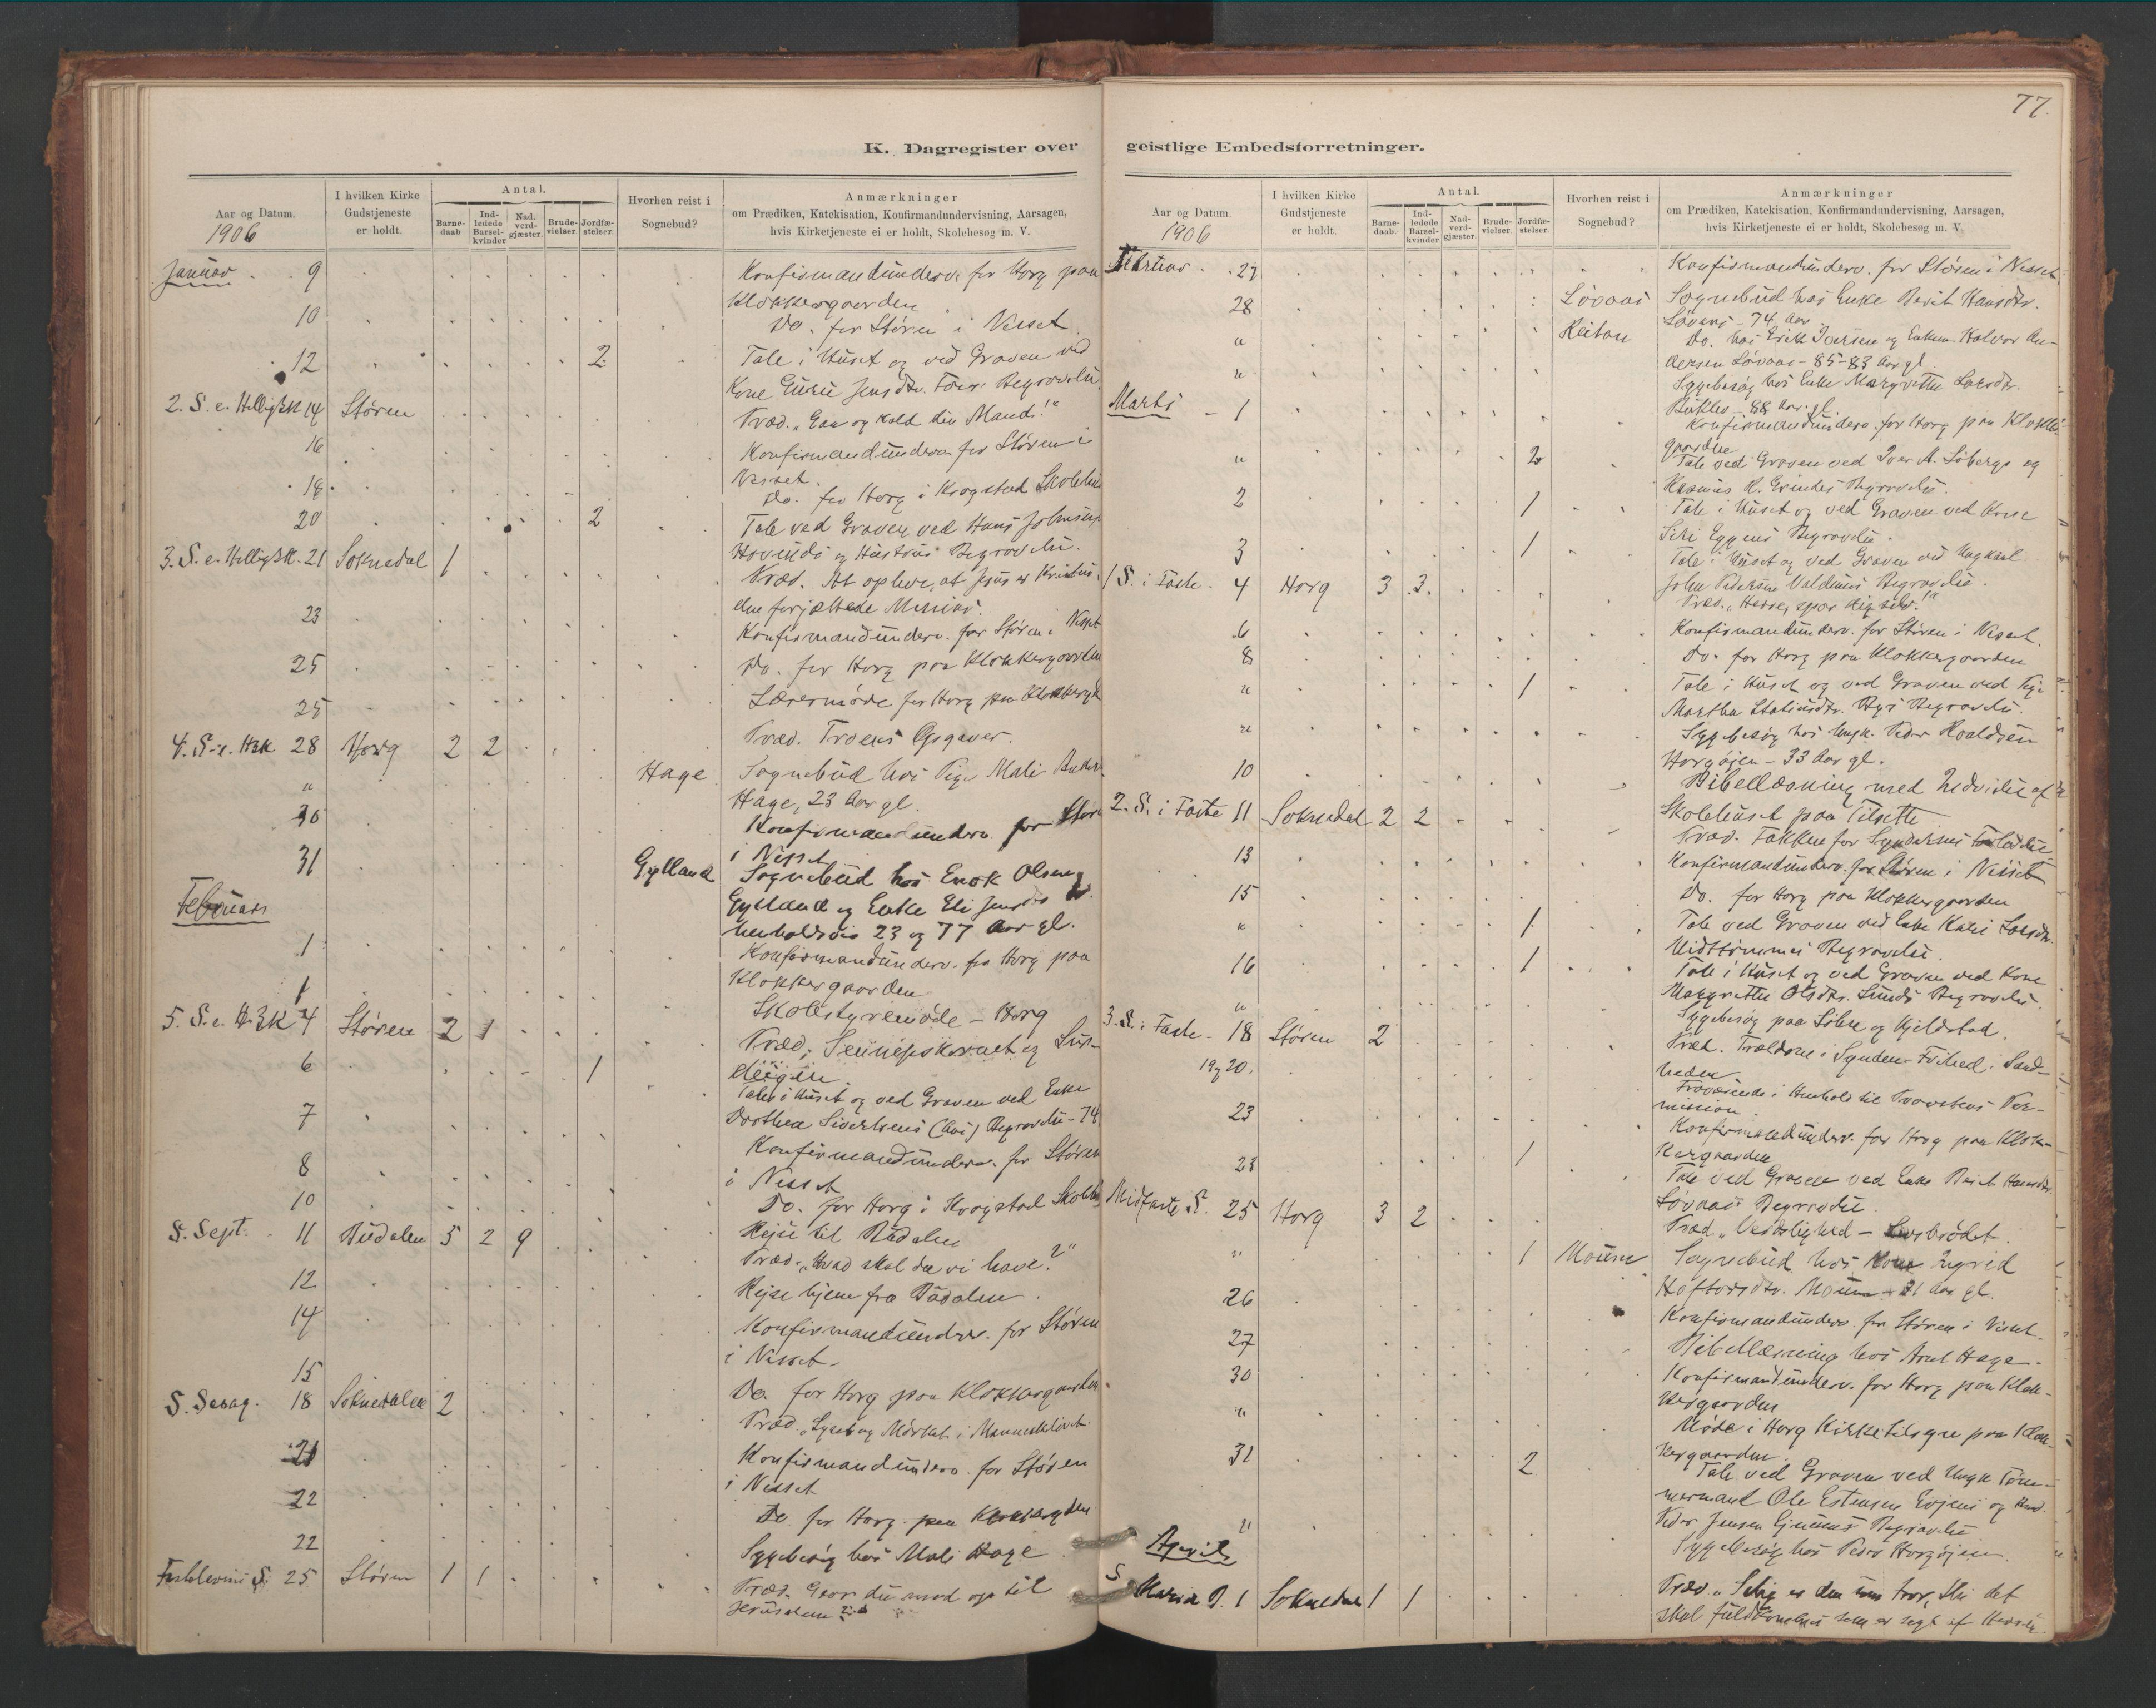 SAT, Ministerialprotokoller, klokkerbøker og fødselsregistre - Sør-Trøndelag, 687/L1012: Dagregister nr. 687B01, 1887-1914, s. 77